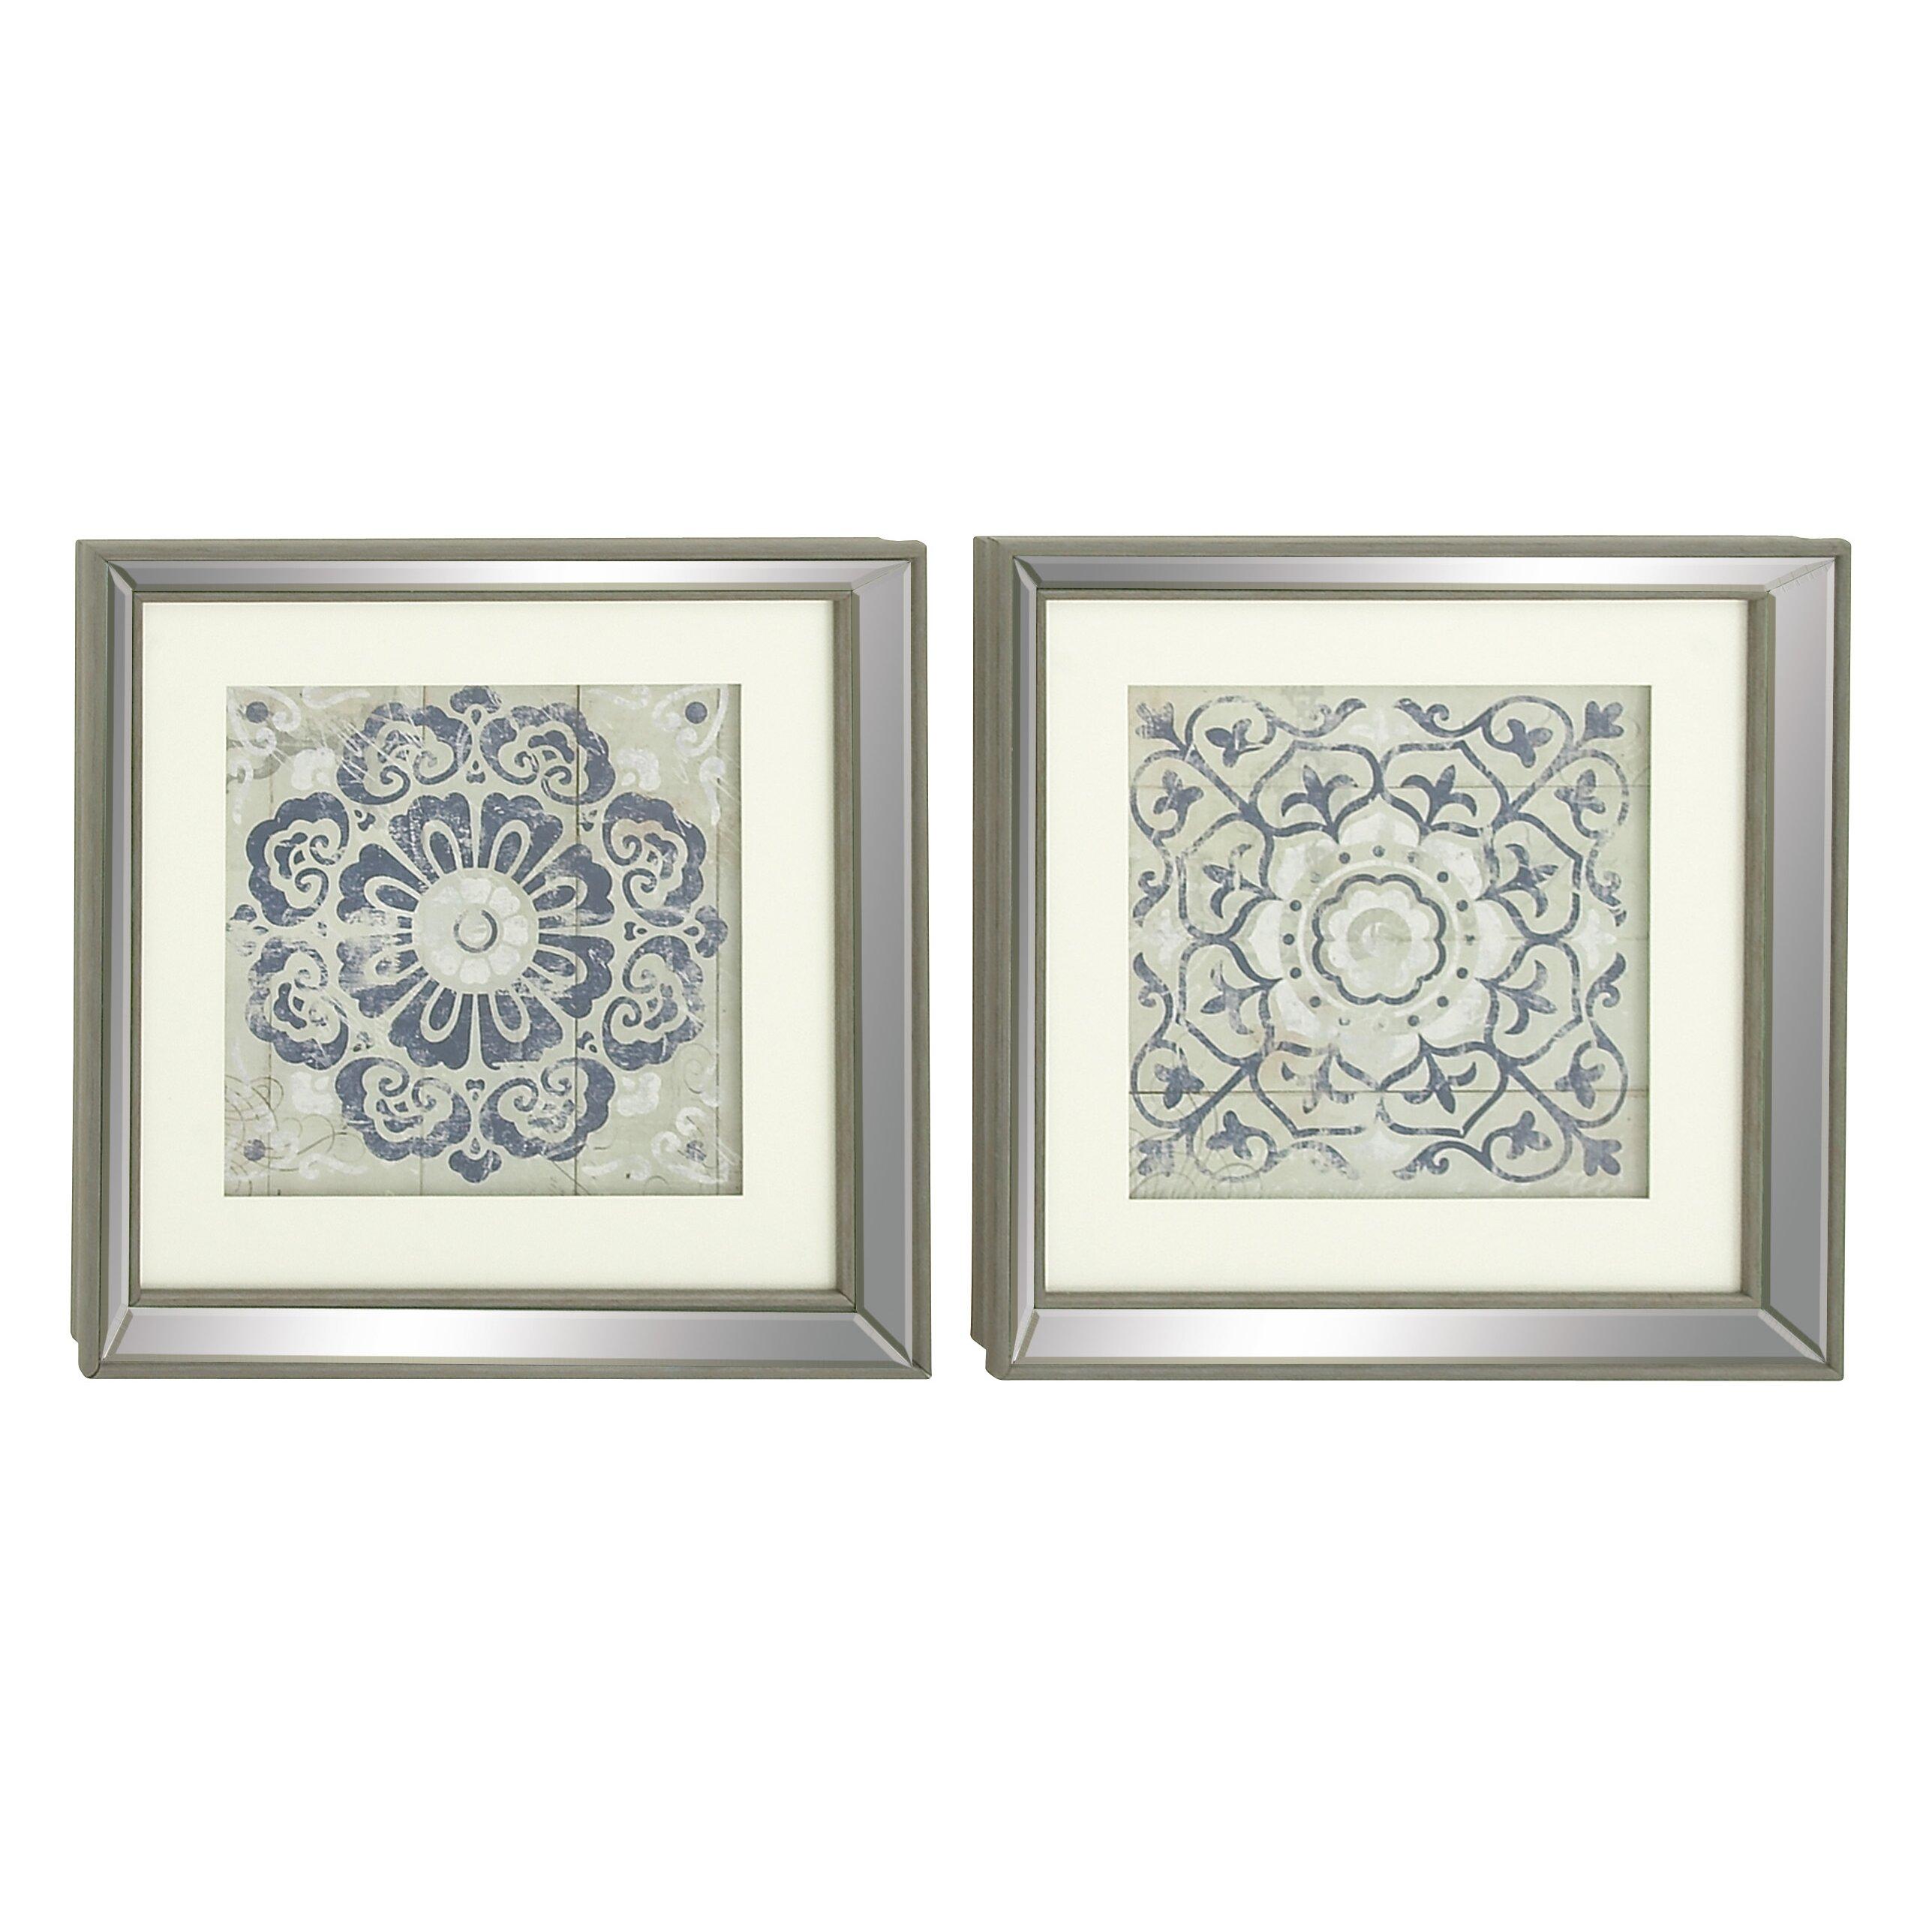 Cole Grey 2 Piece Polystone Mirror Framed Wall Art Set